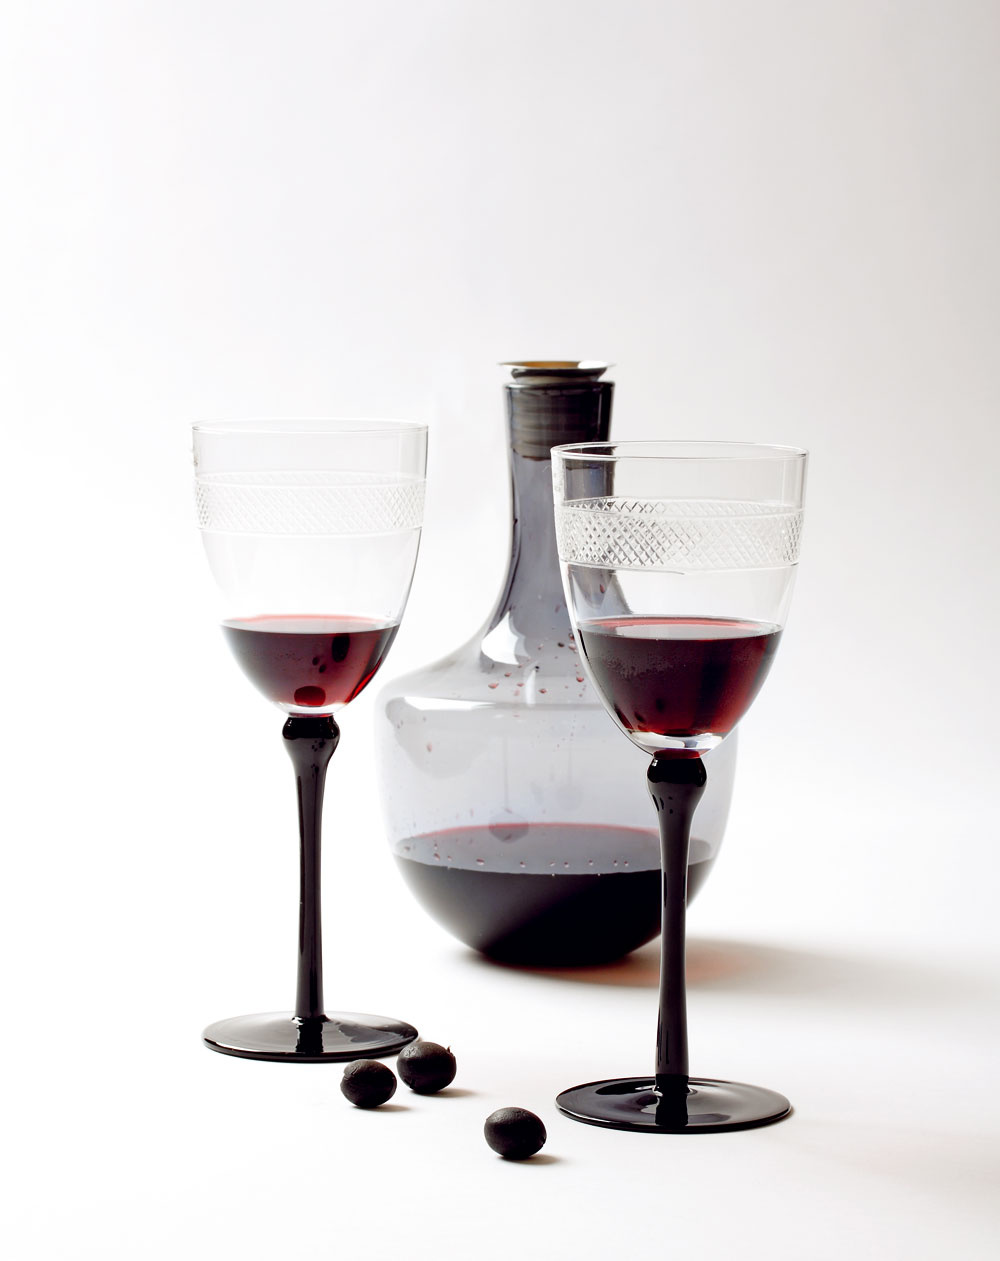 Karafa Hämta zo sivého skla, objem 1,8litra, cena 6,99 €. Predáva IKEA. Poháre na červené víno Idea Dekor od firmy Sia, výška 24 cm, cena 9,90 €. Predáva Design House.